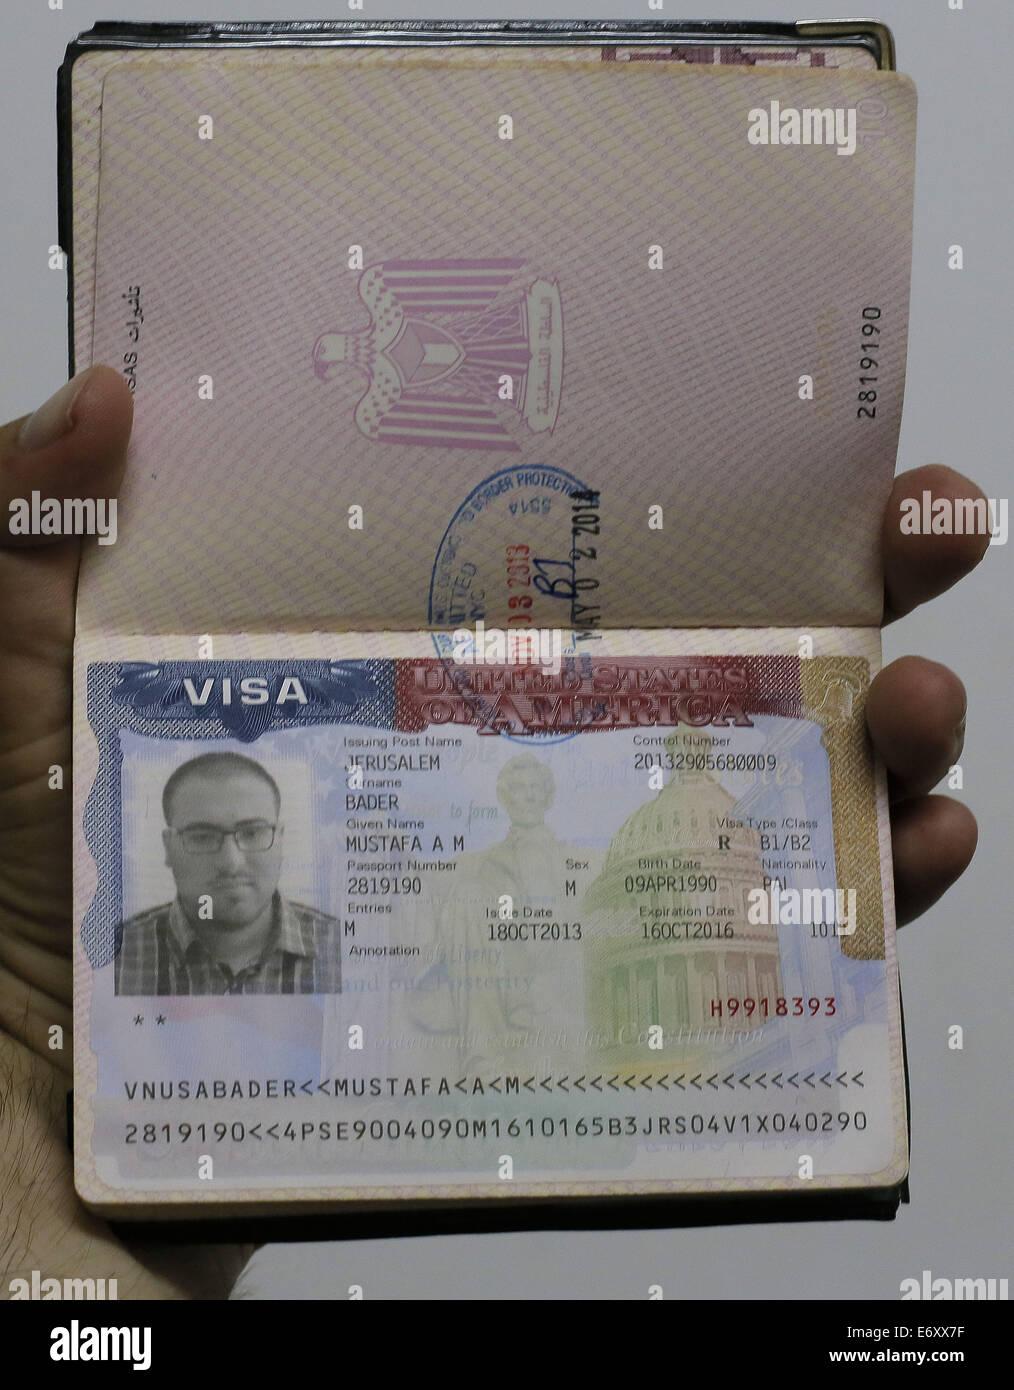 Us Visa Stock Photos & Us Visa Stock Images - Alamy